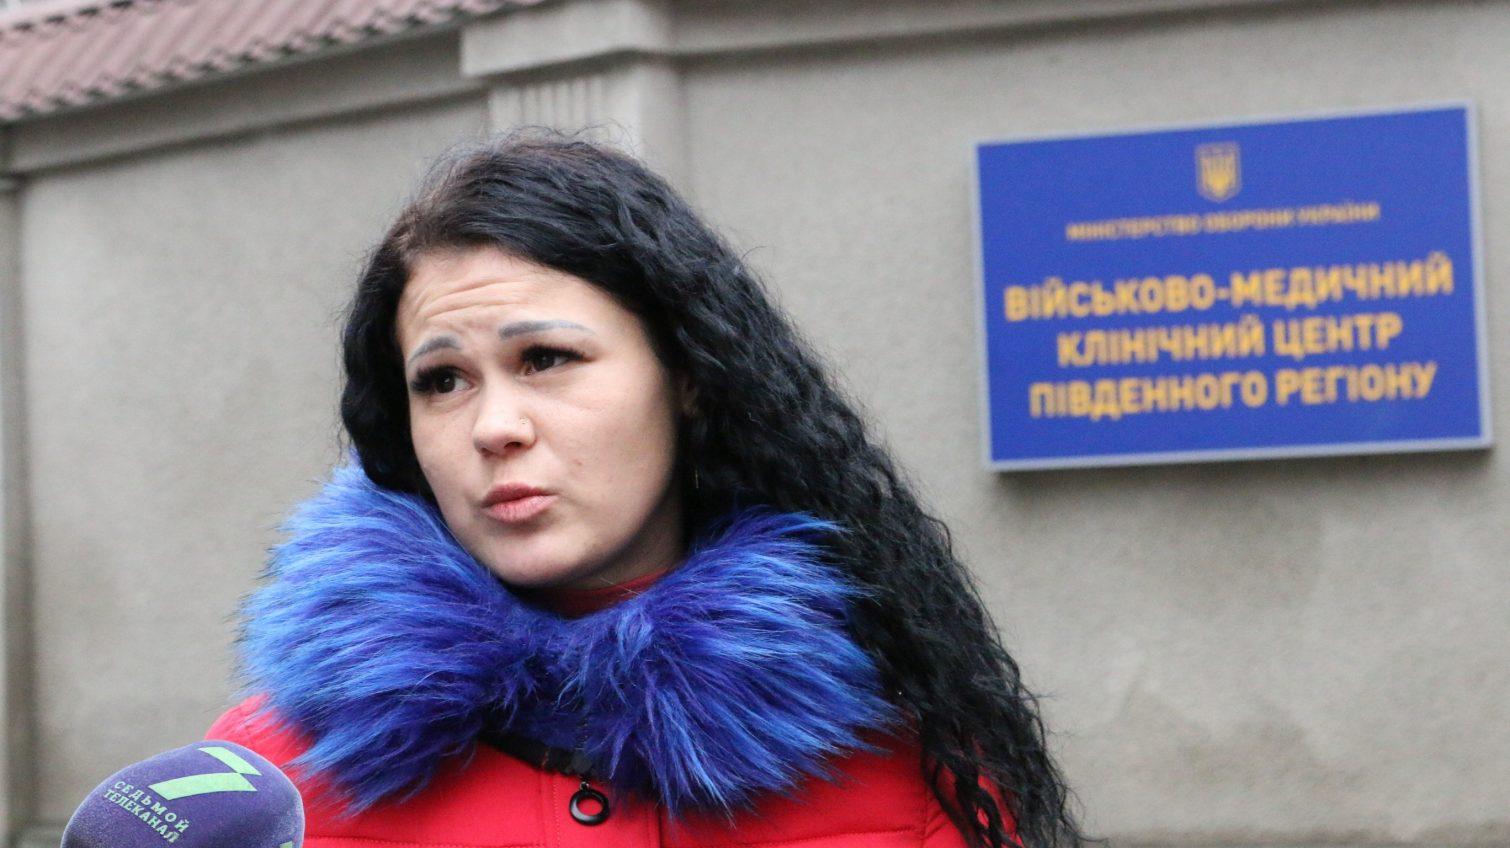 Конфликт вокруг воинской части под Одессой: военнослужащую избили за то, что она противостояла коррупции (документ, видео) «фото»